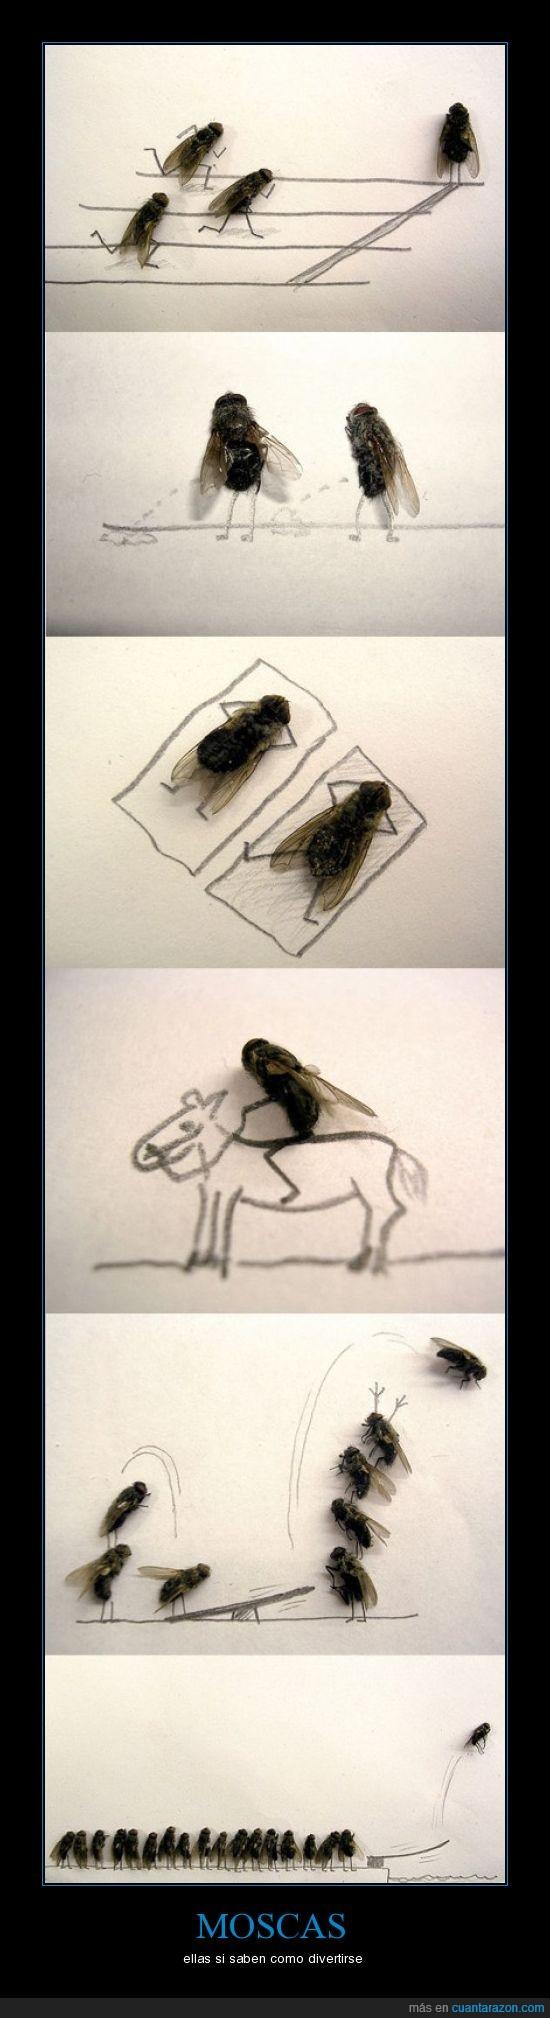 asco,creatividad,creativo,diversión,moscas